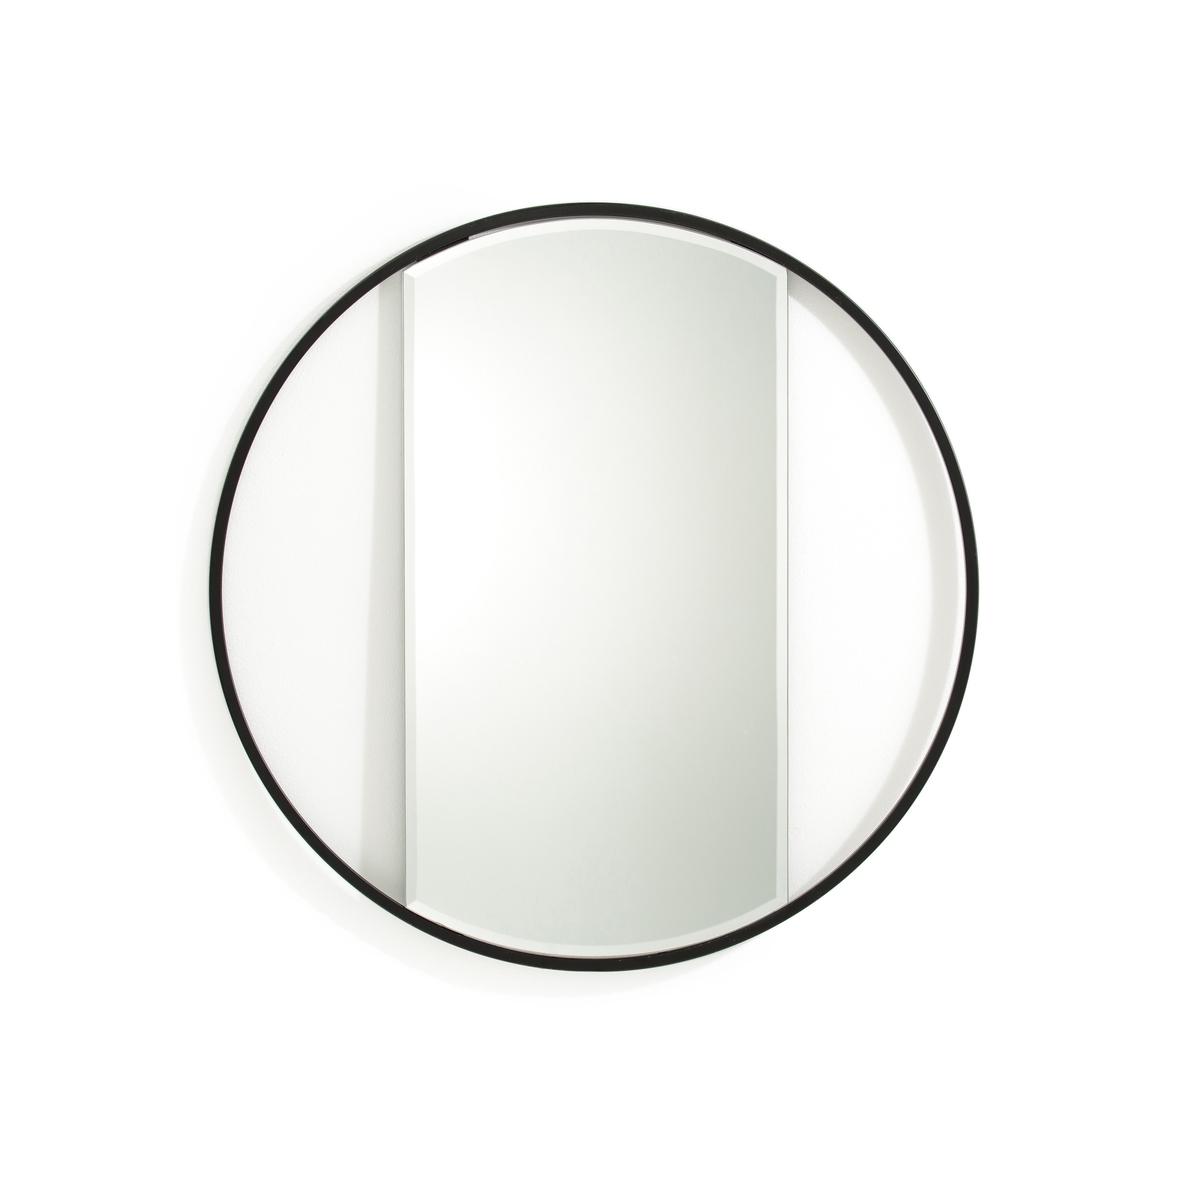 Зеркало круглое, REFLETОписание:Круглое зеркало с отделкой эпоксидной краской по контуру. Зеркало Reflet с оригинальным дизайном и модной отделкой под латунь .Характеристики круглого зеркала Reflet :Скошенные края зеркала.Каркас из металла с покрытием эпоксидной краской.2 крючка для подвешивания на стену (горизонтально или вертикально). Крепежные элементы не входят в комплектРазмеры круглого зеркала Reflet :Диаметр 60 смДругие модели зеркал из серии Reflet также представлены на laredoute.ru<br><br>Цвет: черный